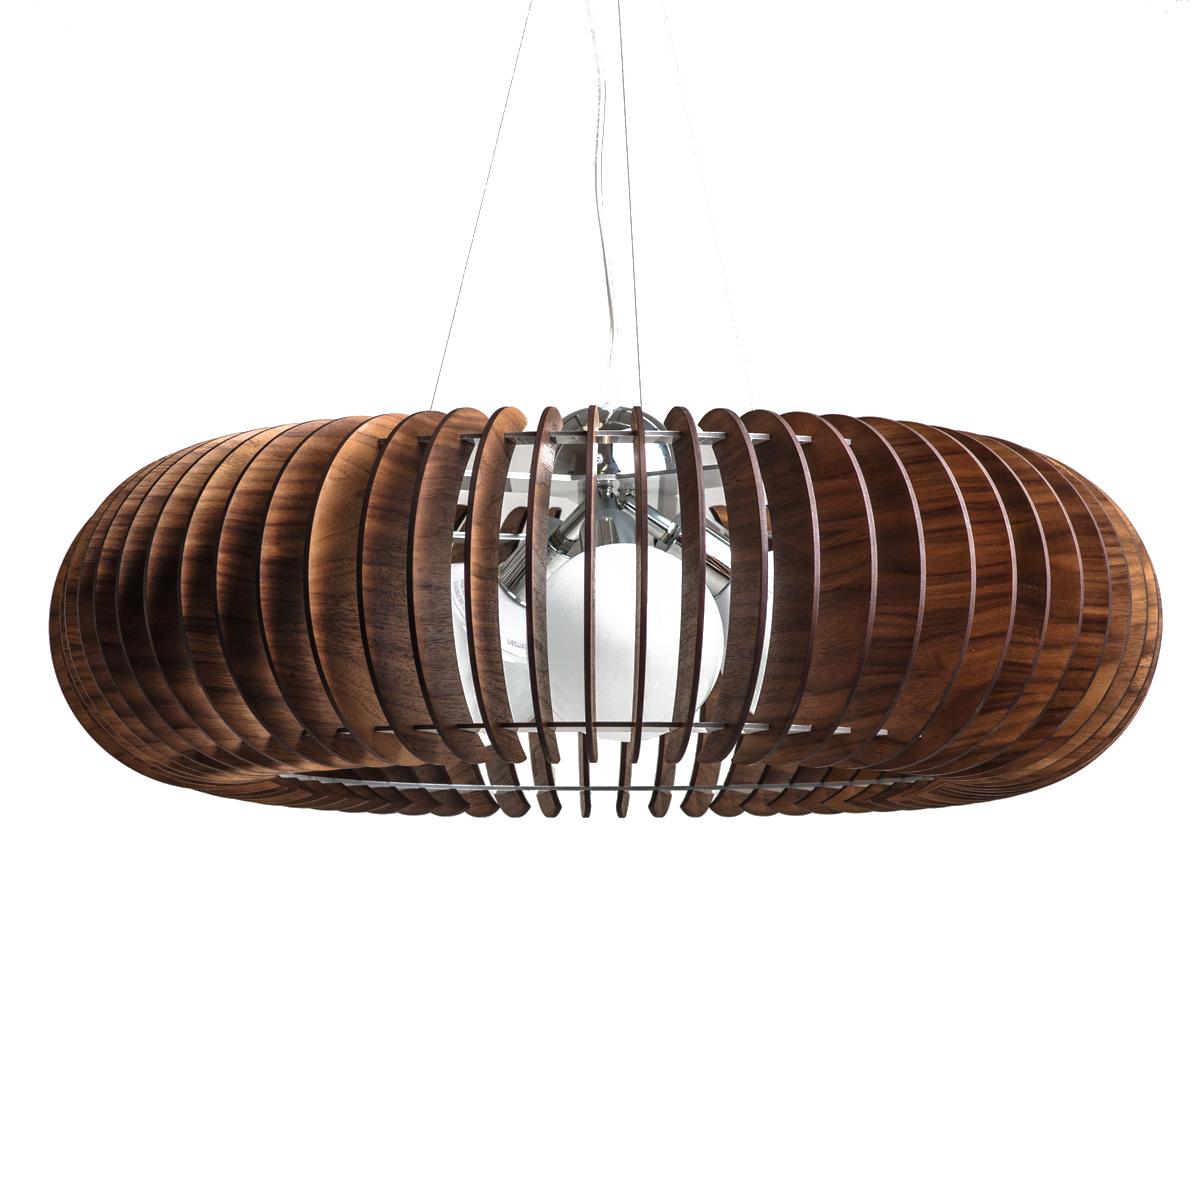 Люстра СпутникПодвесные светильники<br>Элегантная открытая форма люстры позволяет монтировать ее в разных помещениях как по стилю, так и по площади. Использование деревянных ламелей в сочетании с хромированной фурнитурой предают светильнику орбитальную невесомость.&amp;lt;div&amp;gt;&amp;lt;br&amp;gt;&amp;lt;/div&amp;gt;&amp;lt;div&amp;gt;&amp;lt;div&amp;gt;Тип цоколя: E27&amp;lt;/div&amp;gt;&amp;lt;div&amp;gt;Мощность: 60W&amp;lt;/div&amp;gt;&amp;lt;div&amp;gt;Кол-во ламп: 3 (нет в комплекте)&amp;lt;/div&amp;gt;&amp;lt;/div&amp;gt;<br><br>Material: Шпон<br>Height см: 22<br>Diameter см: 65